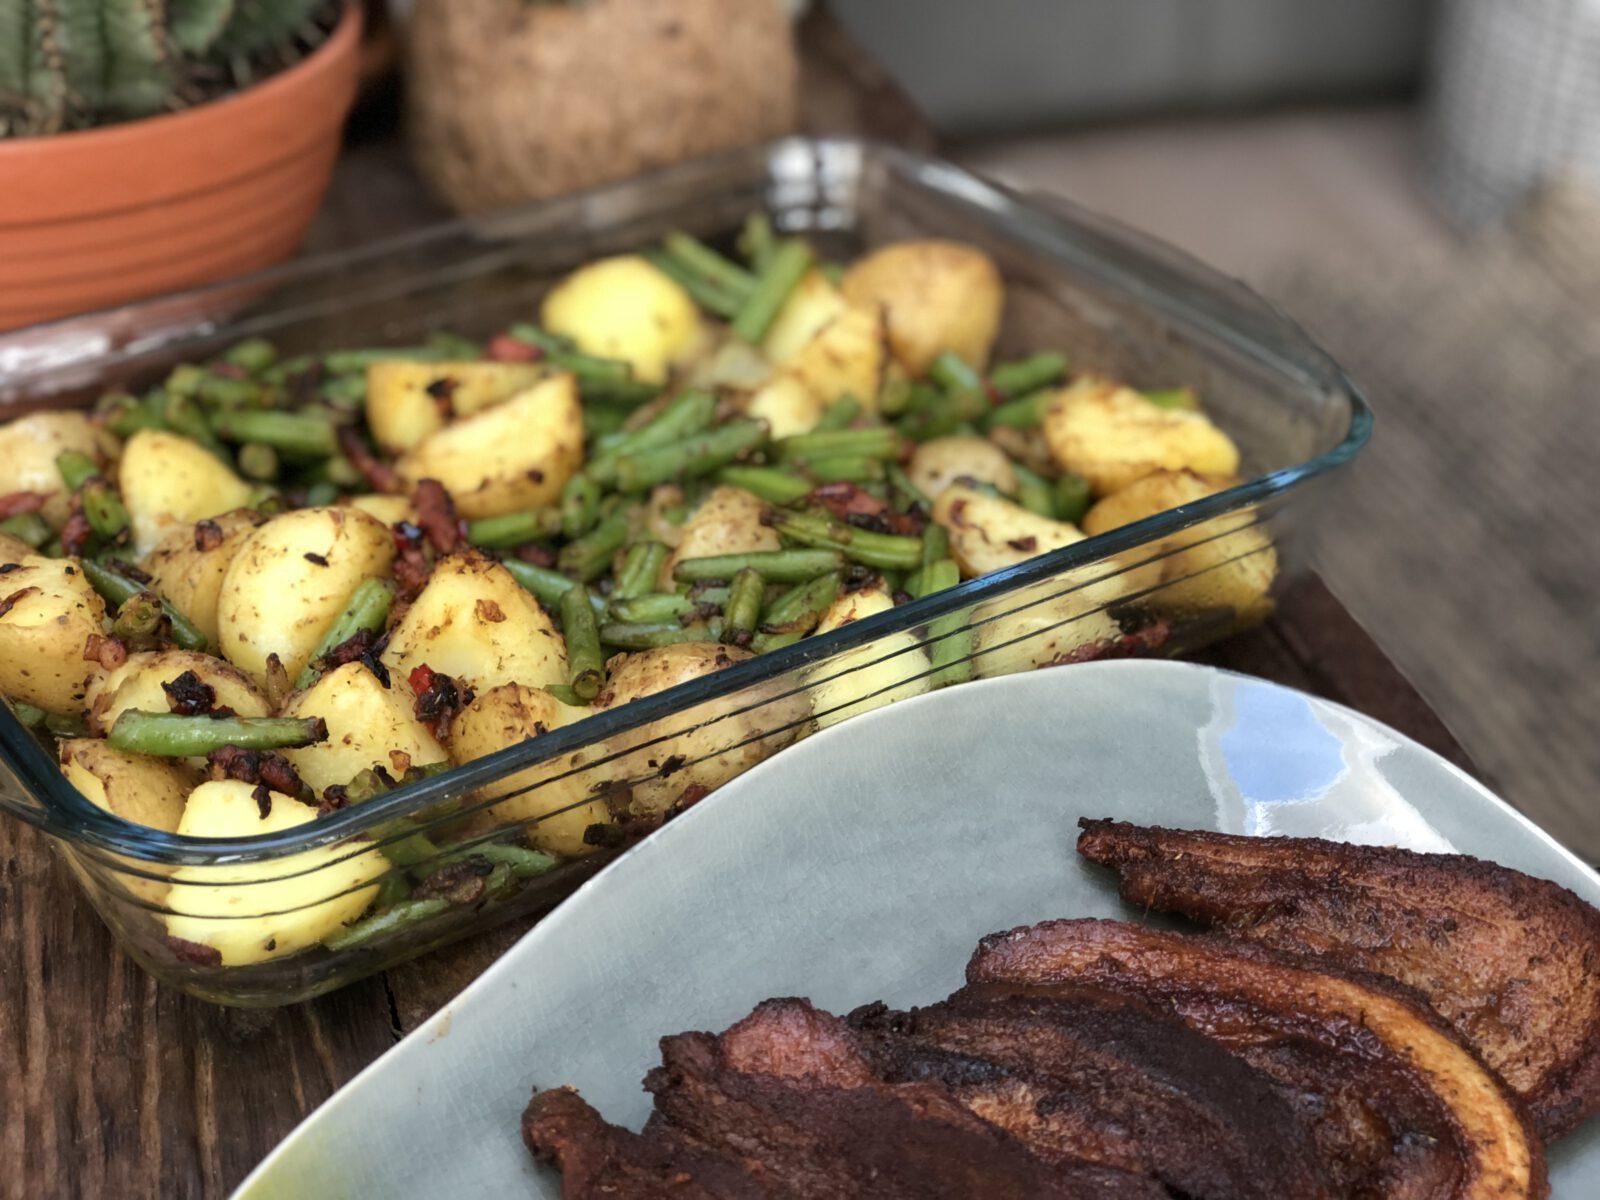 pittige aardappel ovenschotel met sperziebonen en spek - Familie over de kook